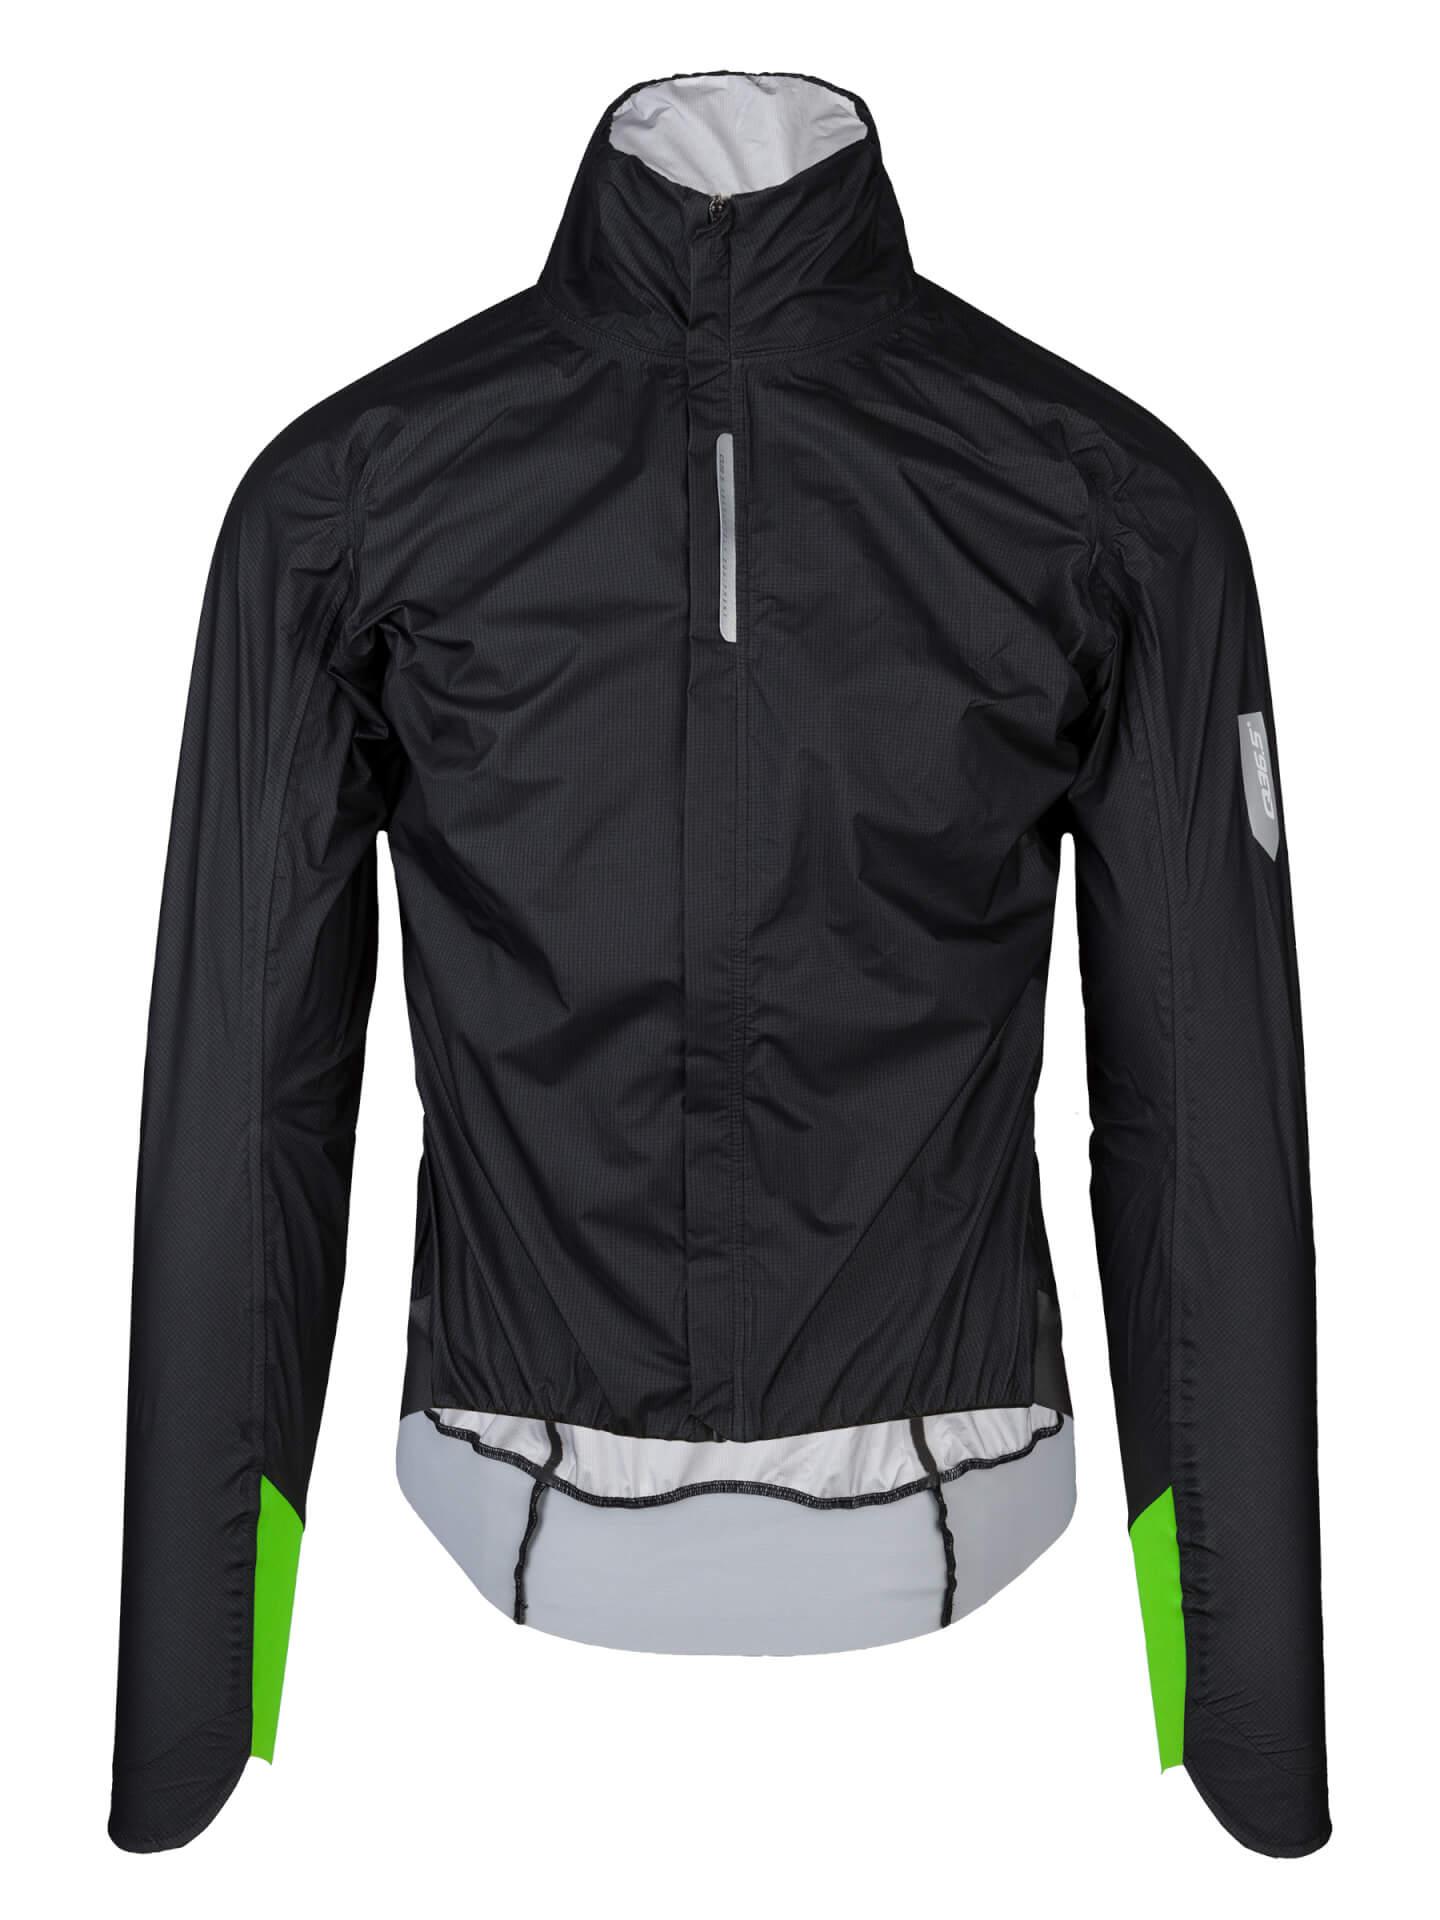 R.Shell Protection X, veste de pluie vélo noir